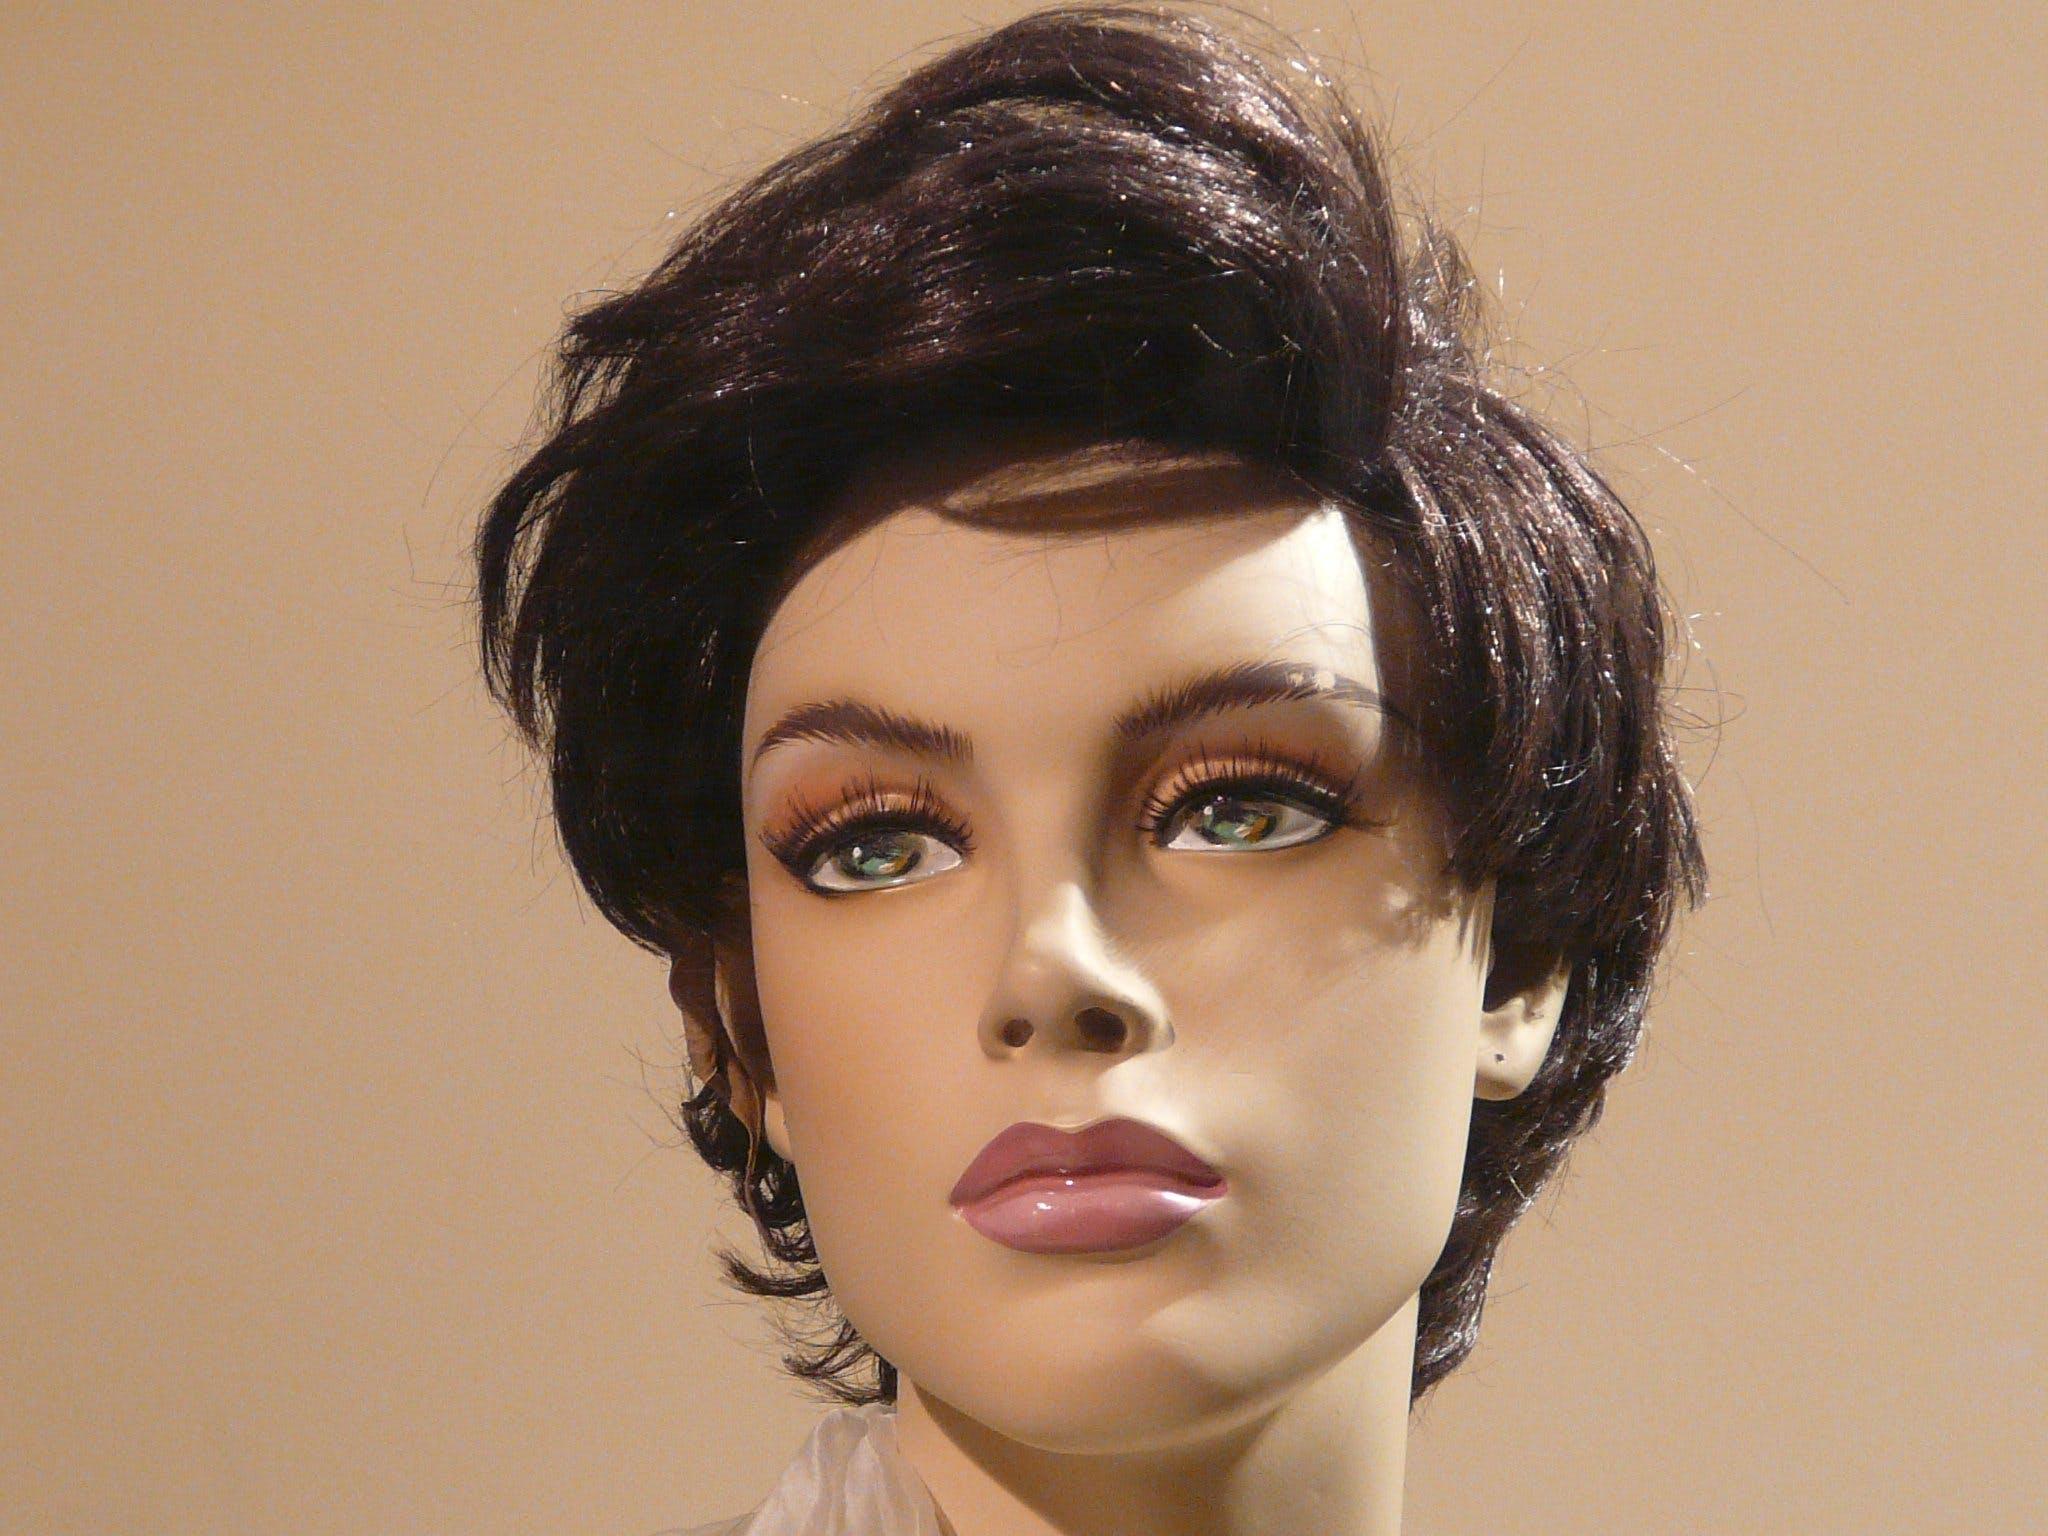 Woman Mannequin Face